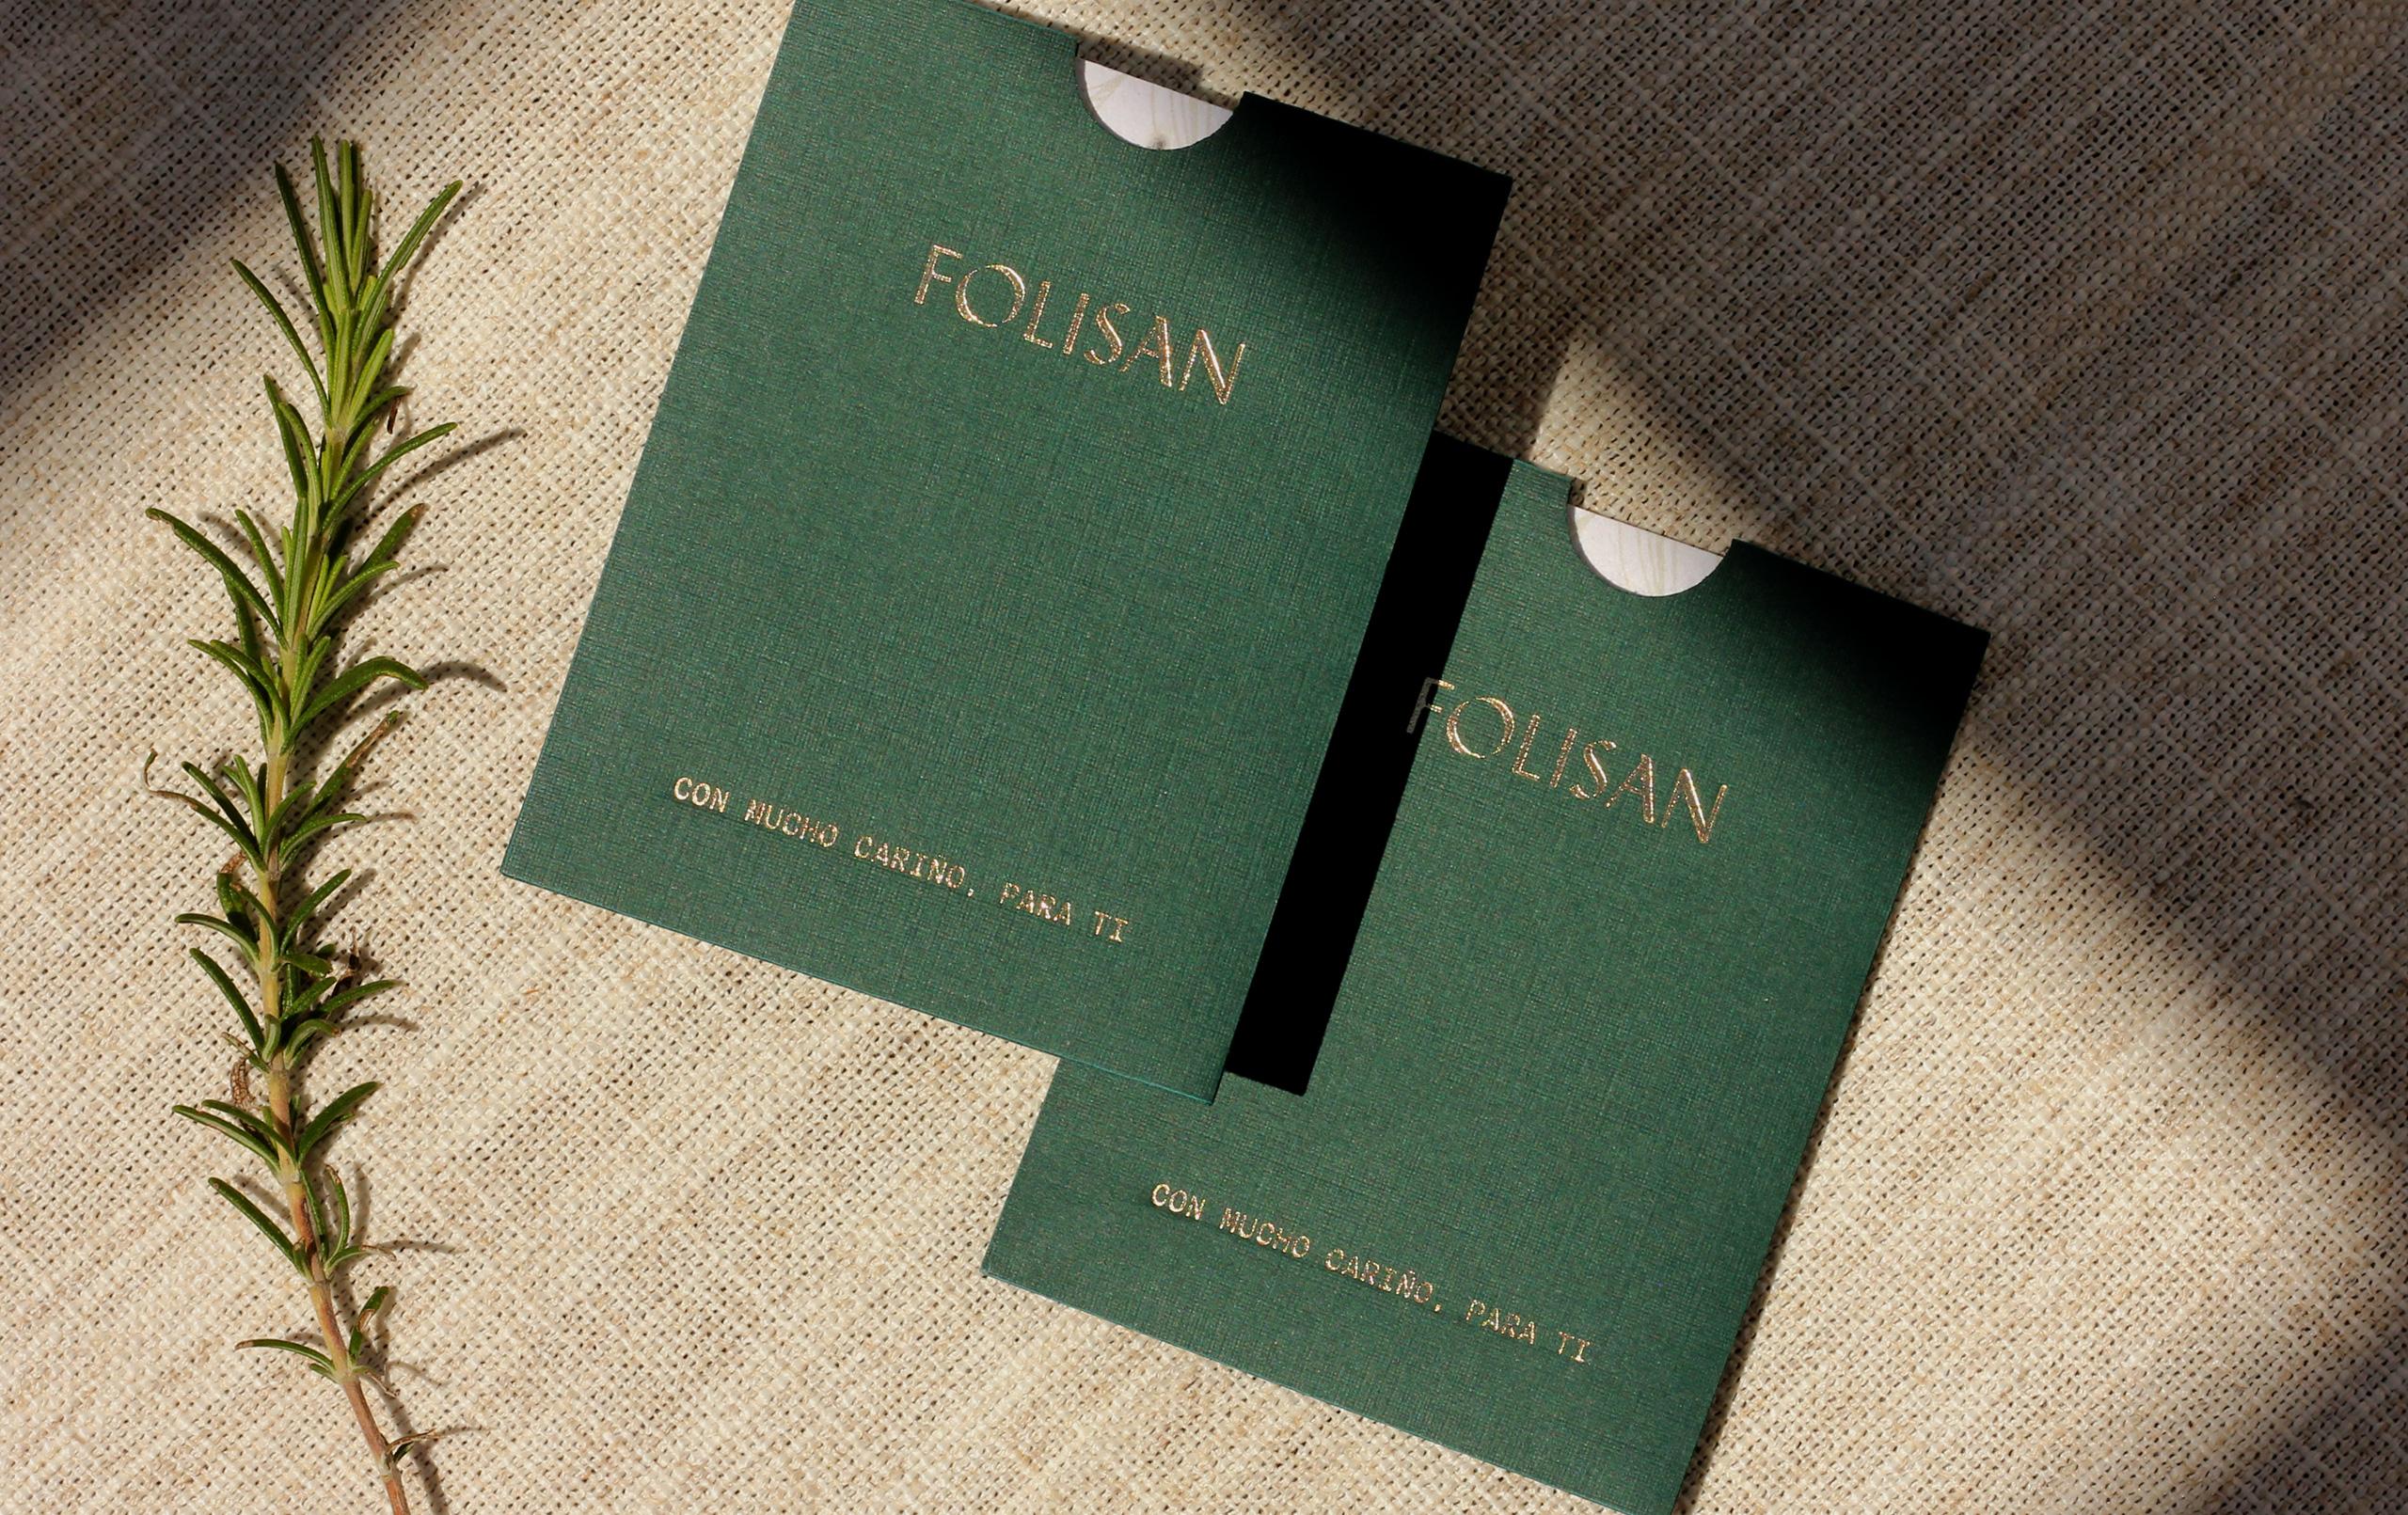 Folisan-Portafolio-02